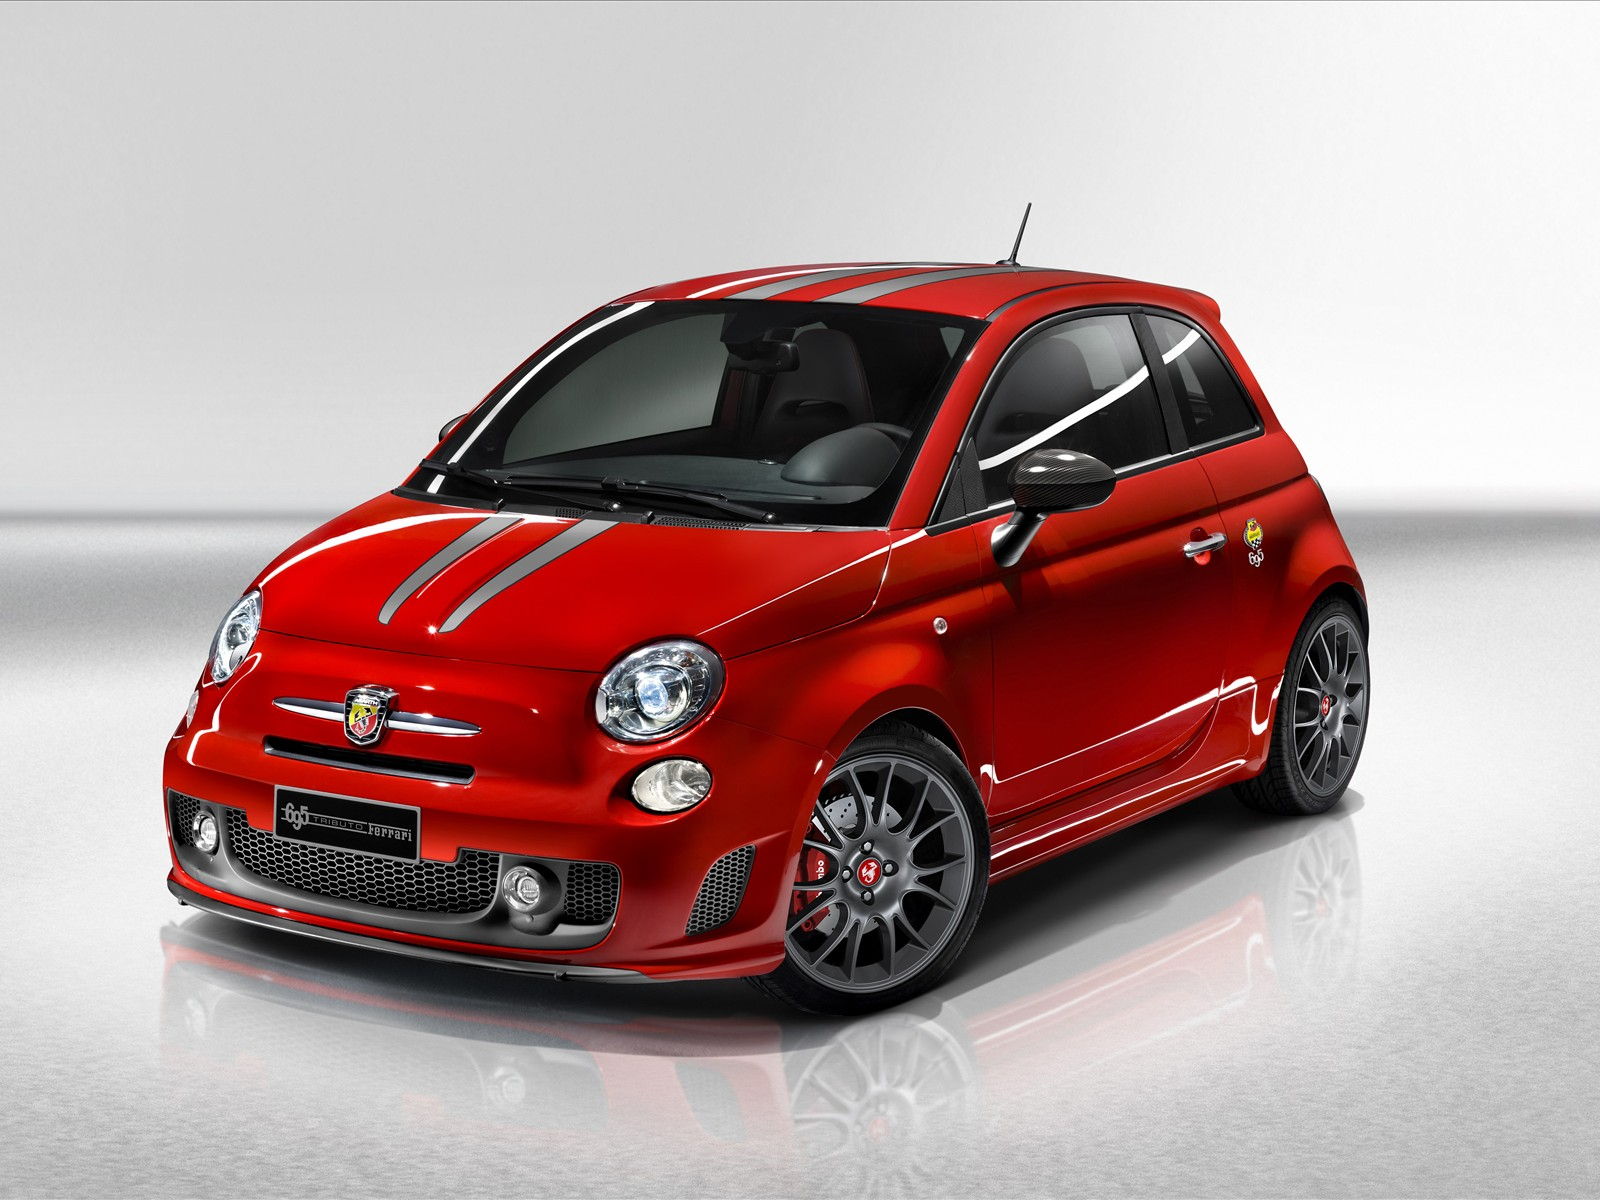 red car, wallpaper, скачать фото